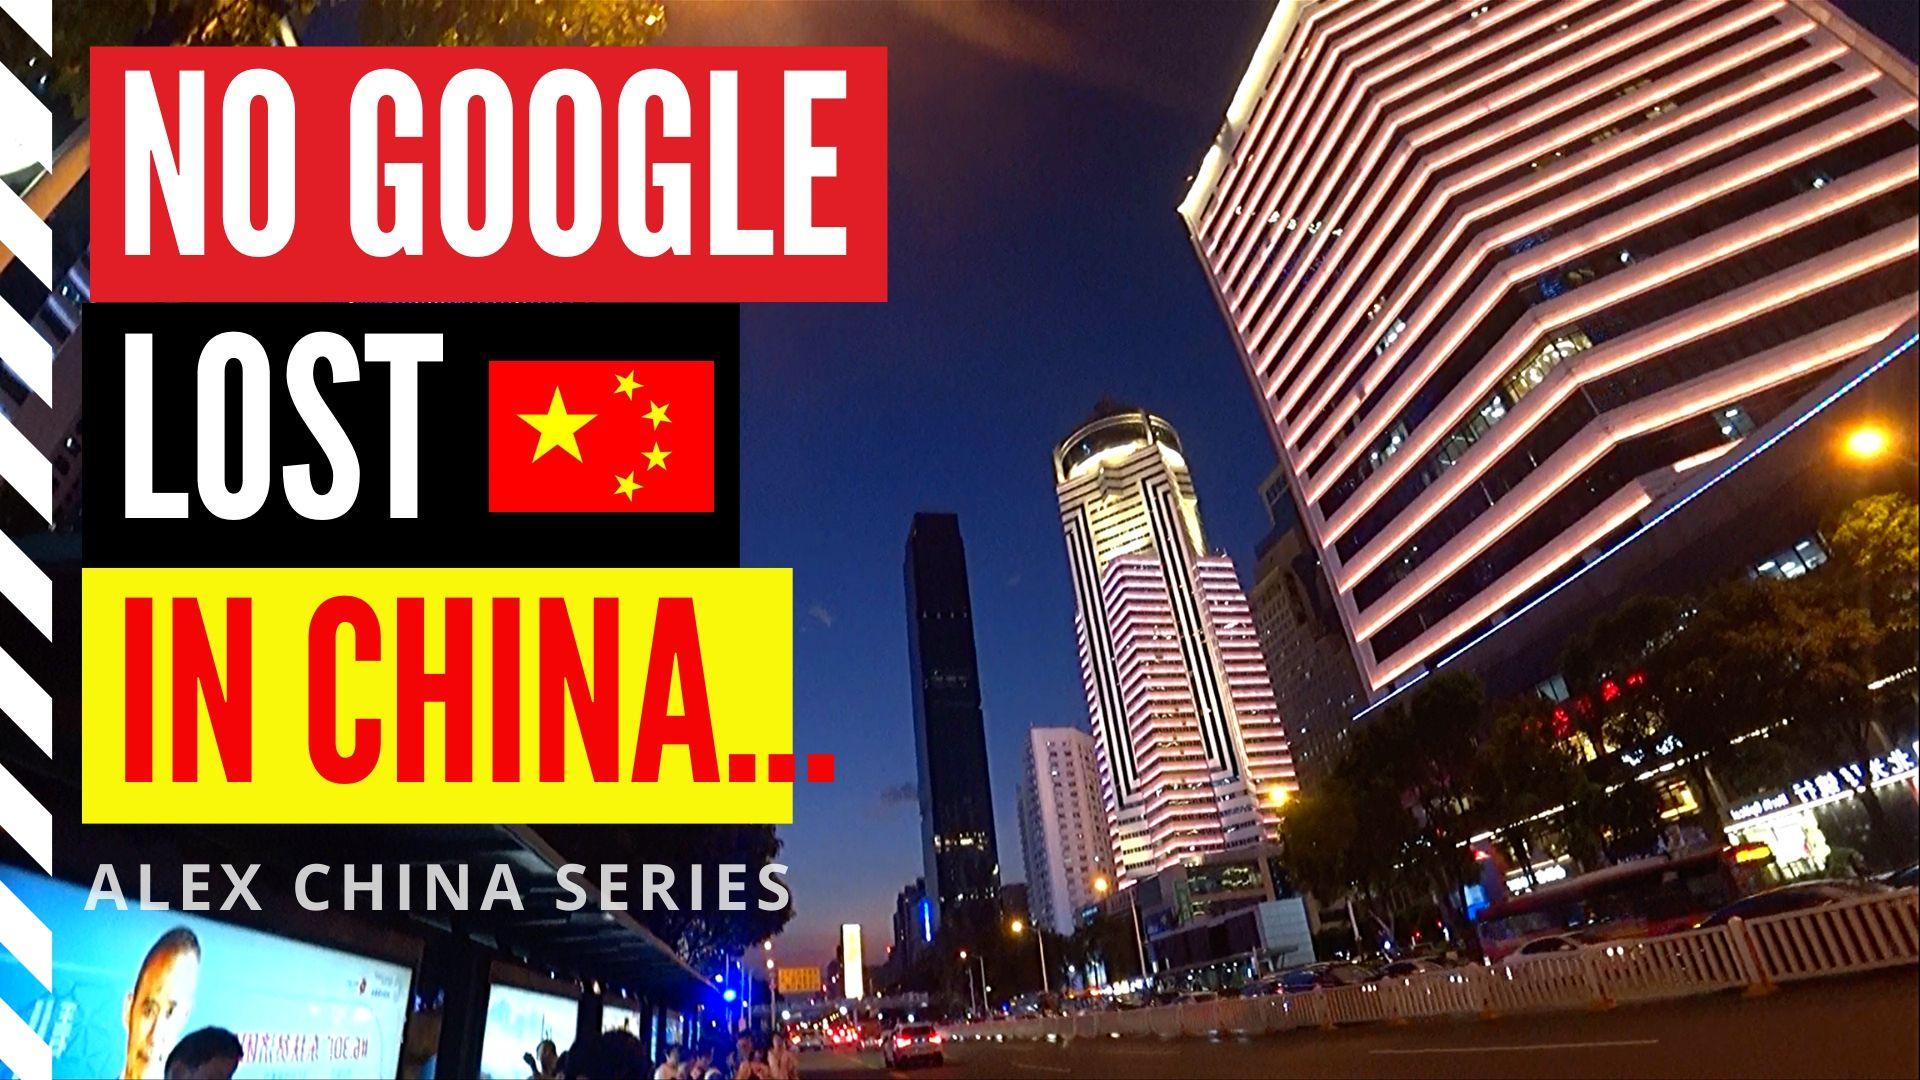 【中文字幕】EP02: 老外在深圳迷路了 找不到酒店【老外呈现最真实的中国给西方世界 深圳篇】